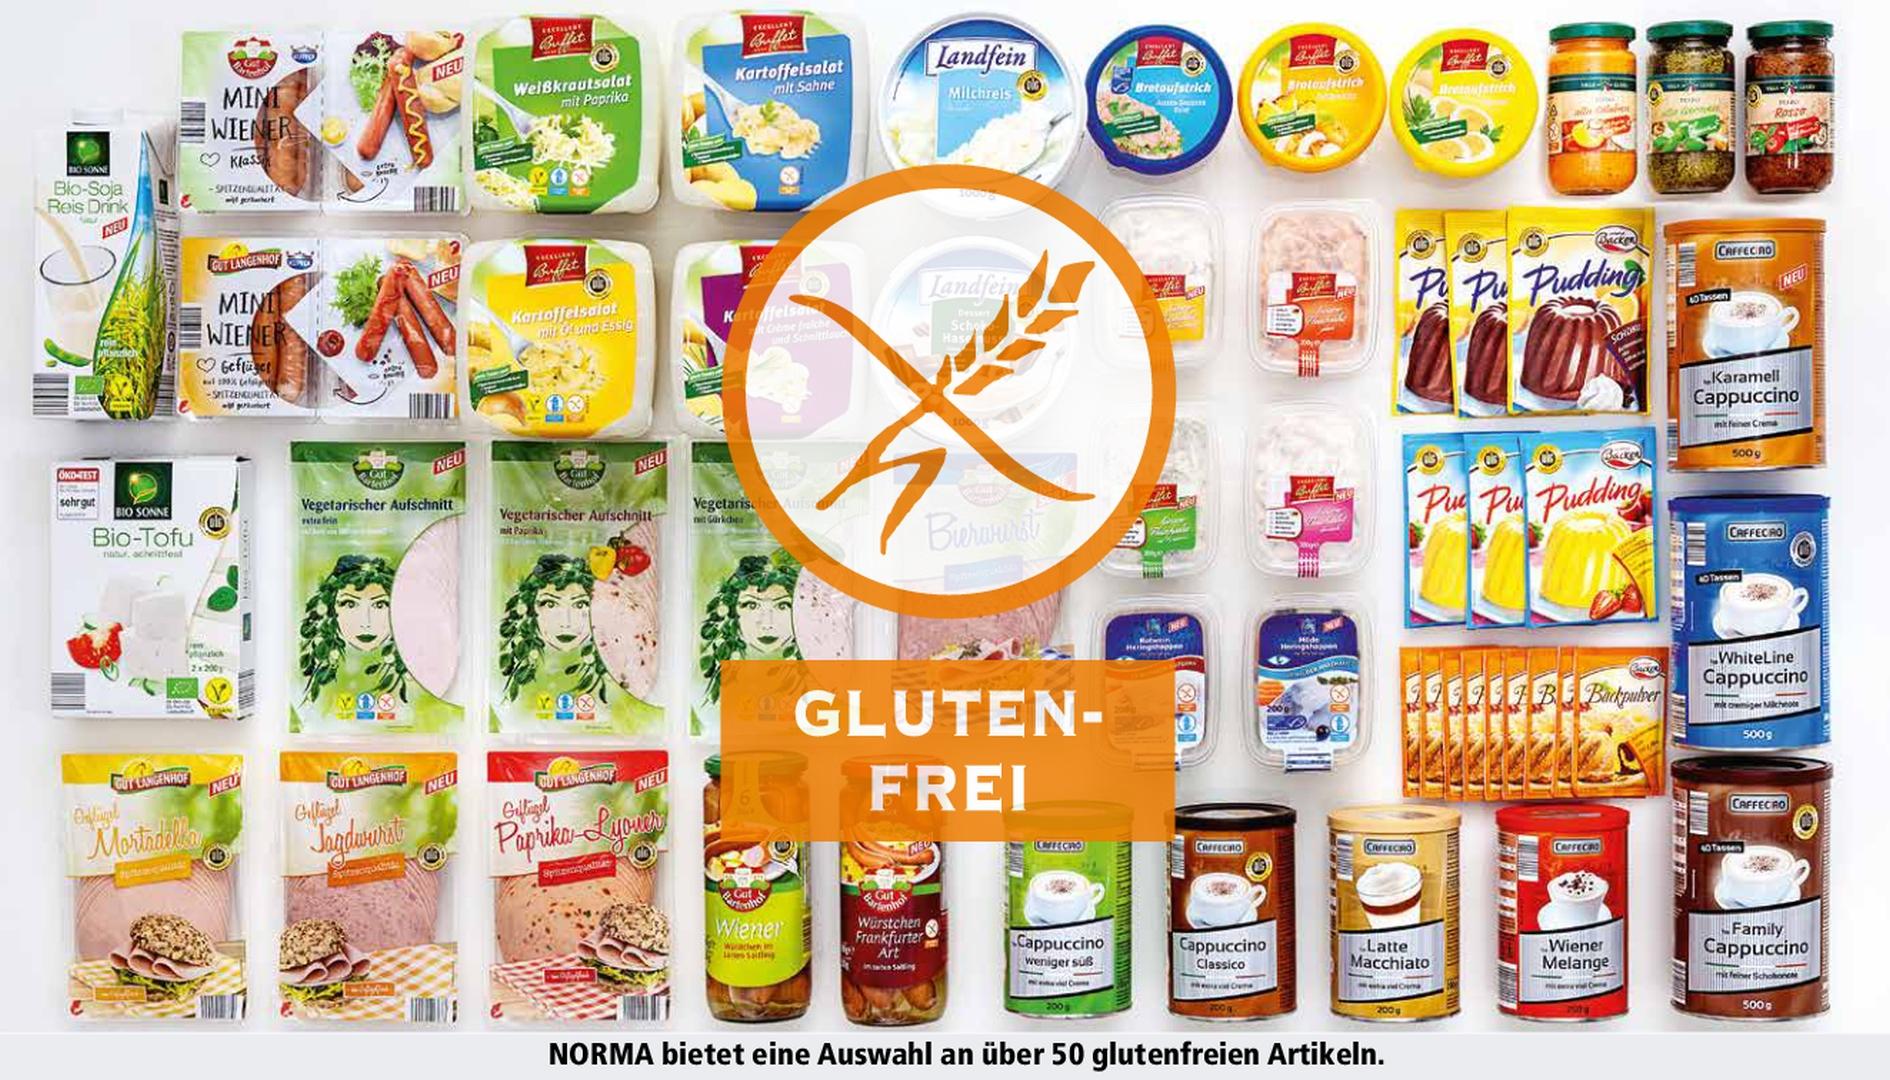 norma schon ber 50 produkte garantiert glutenfrei glutenfrei label bei norma eindeutige. Black Bedroom Furniture Sets. Home Design Ideas